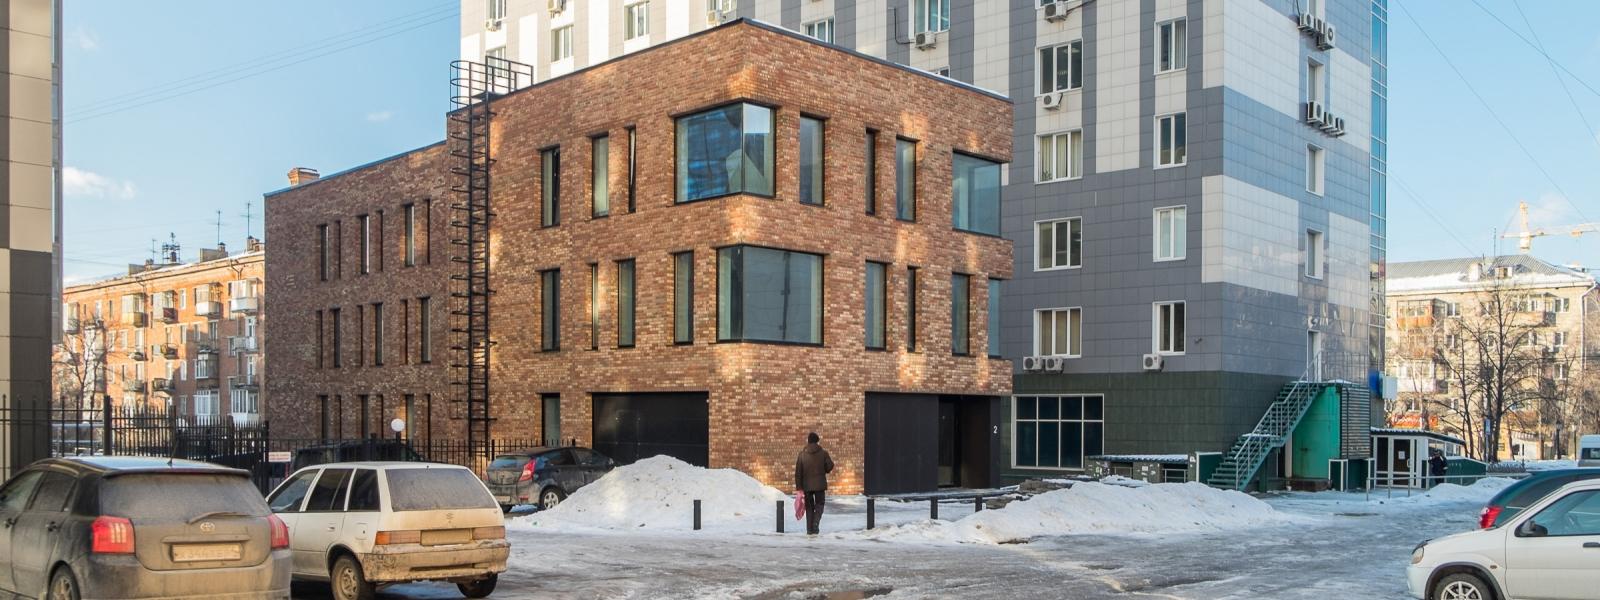 work-Общественное здание административного назначения по ул. 9 Ноября в Октябрьском районе Новосибирска